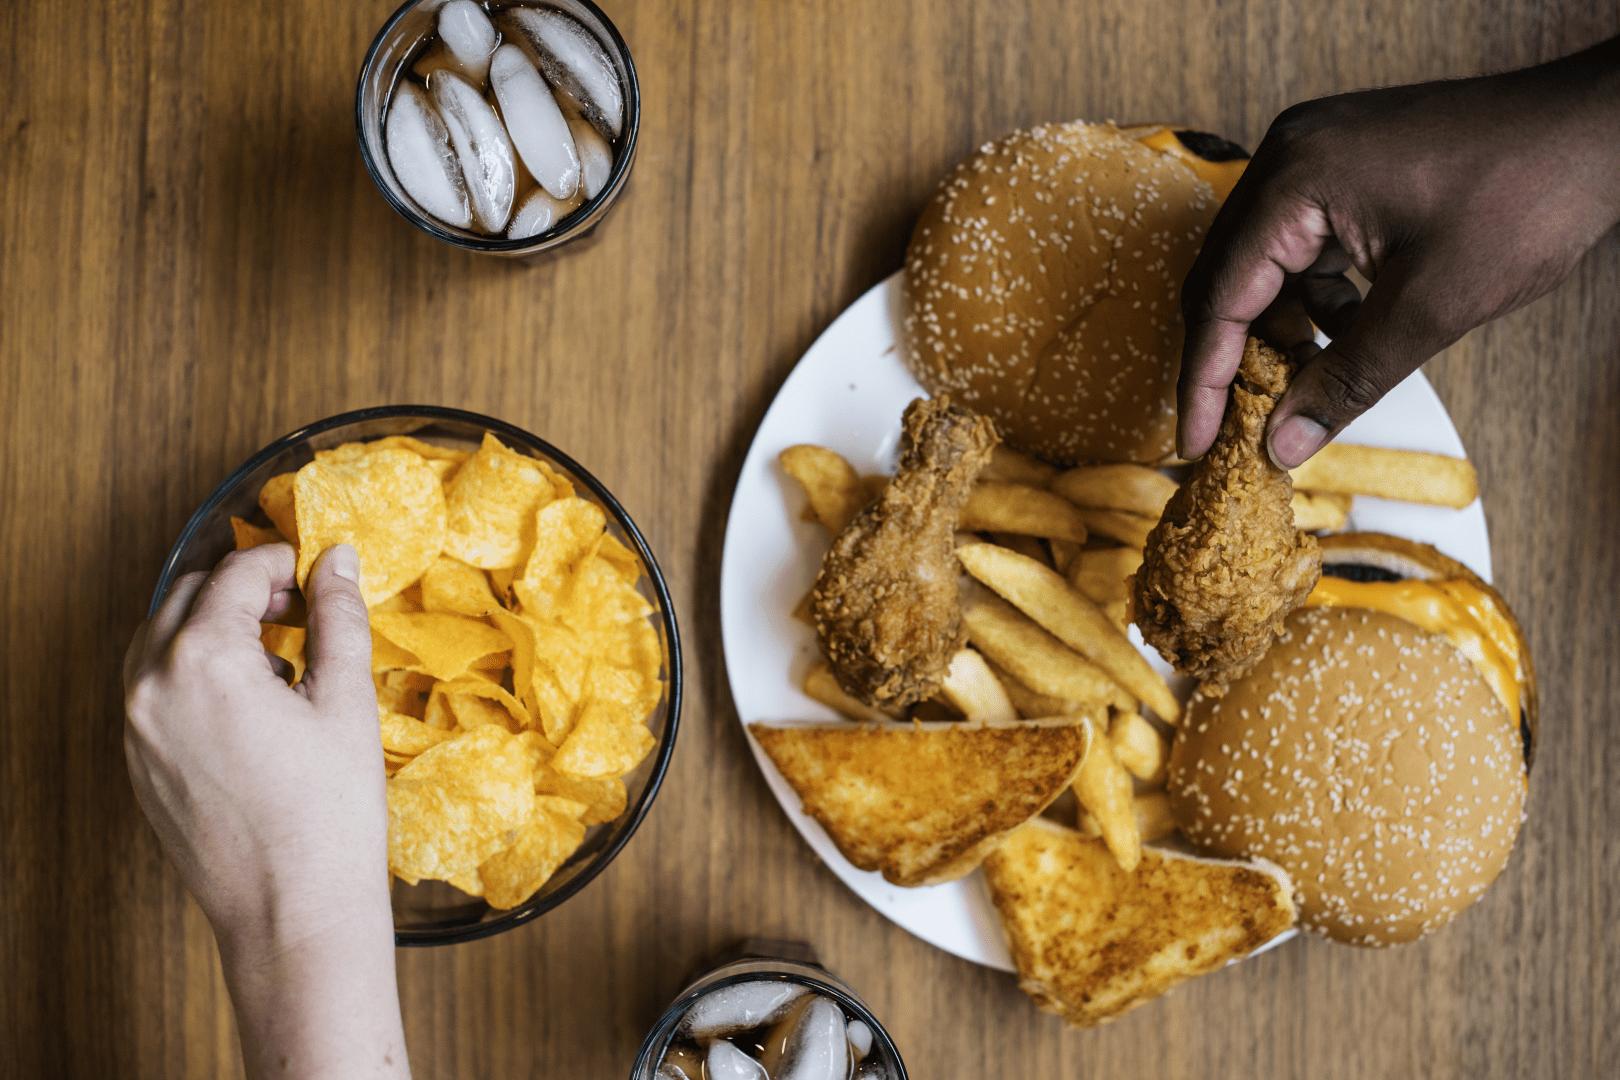 intoxicacao alimentar pessoas pegando comida com as maos